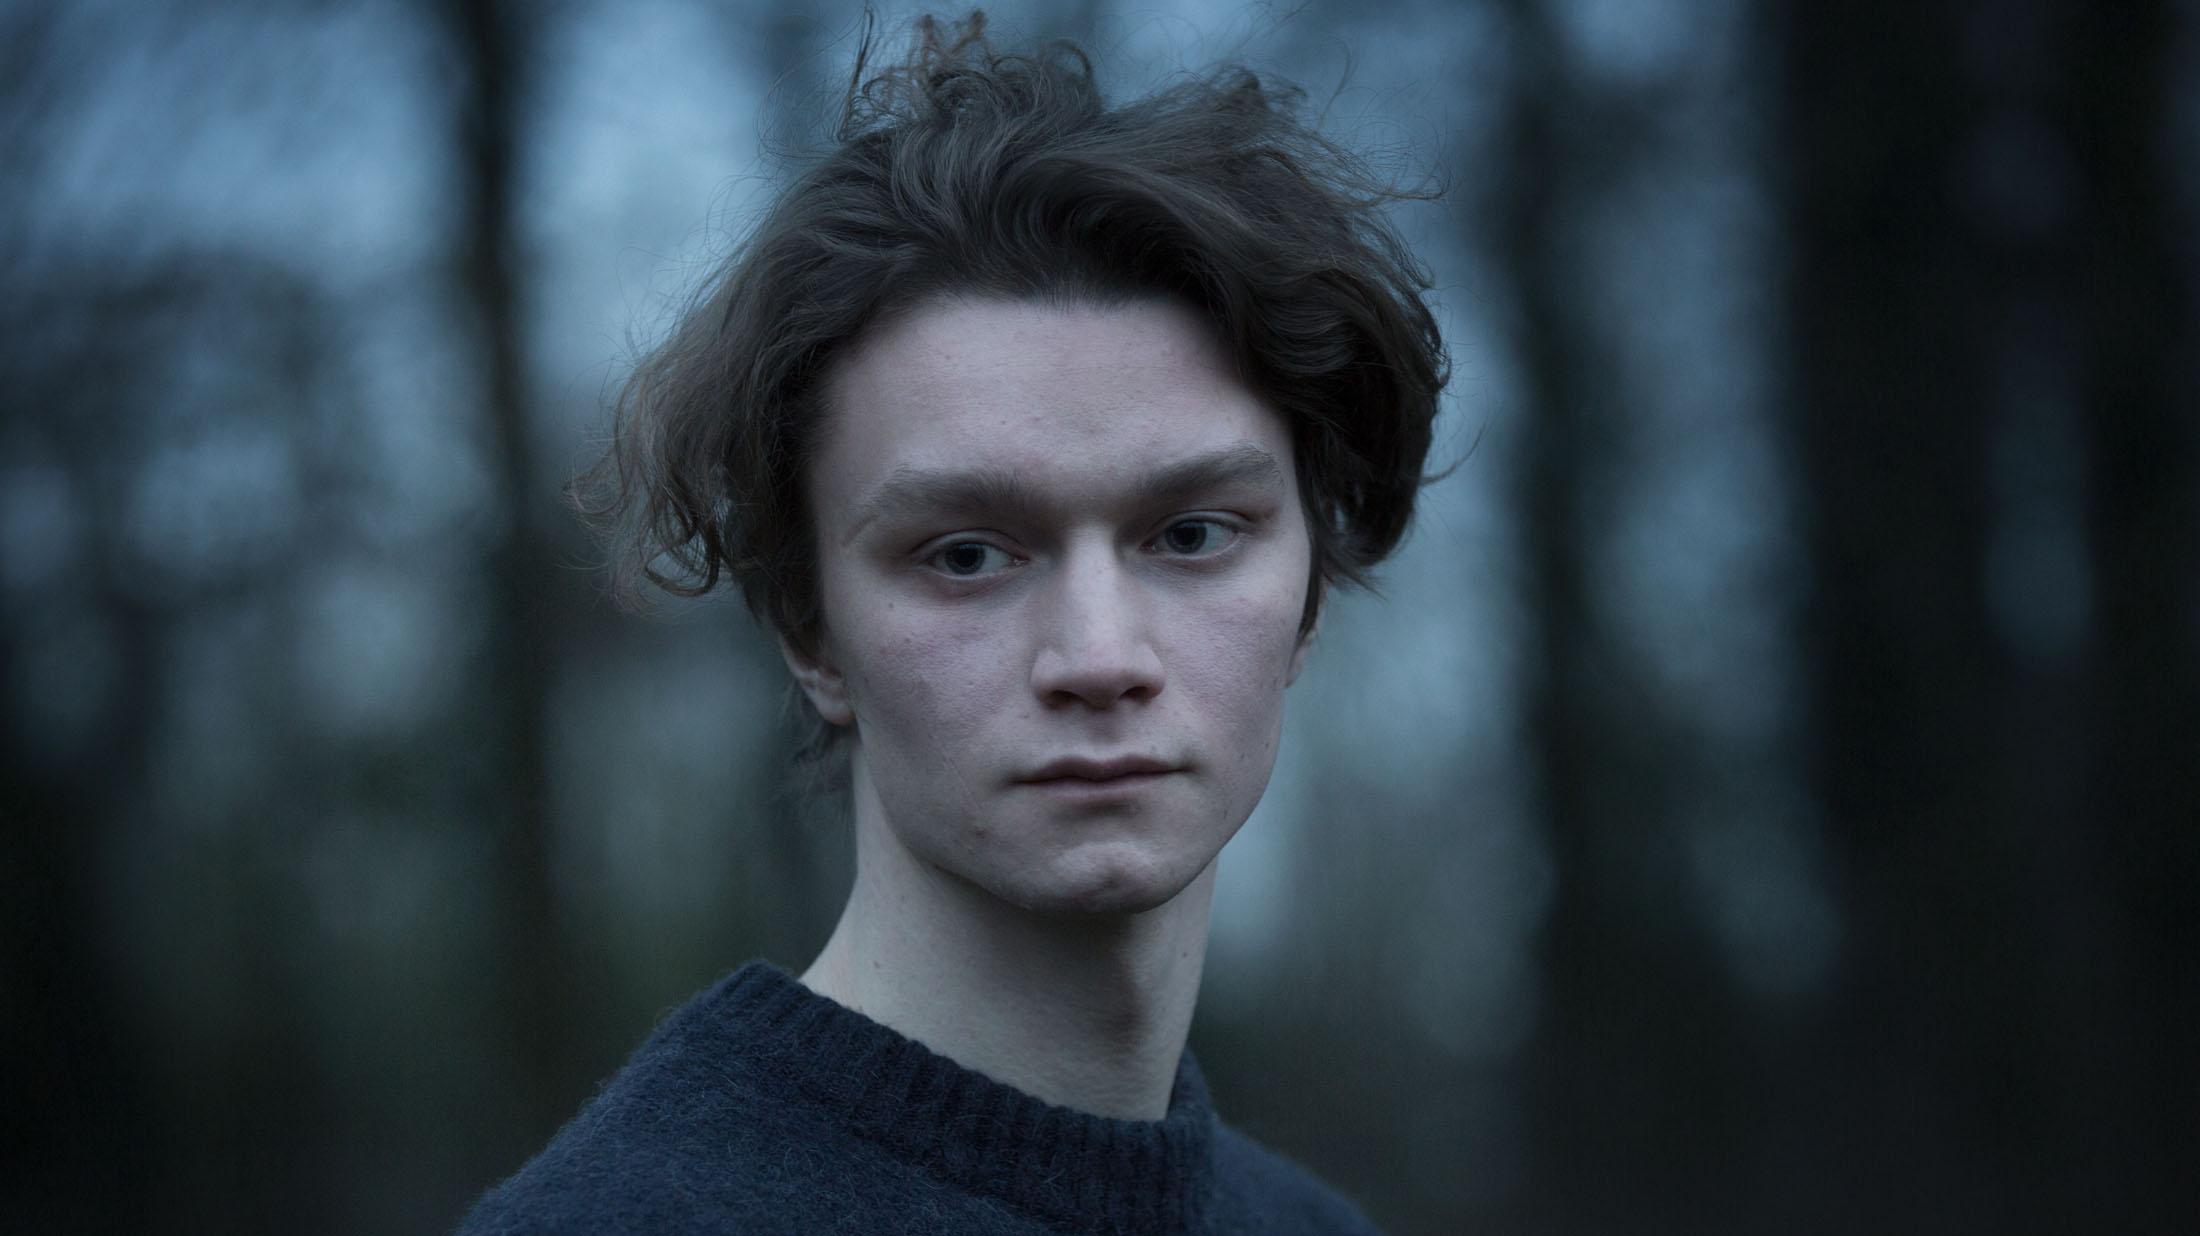 Tijmen Govaerts in POOR KIDS directed by Michiel Dhont (KASK 2017). DoP Laurens De Geyter.